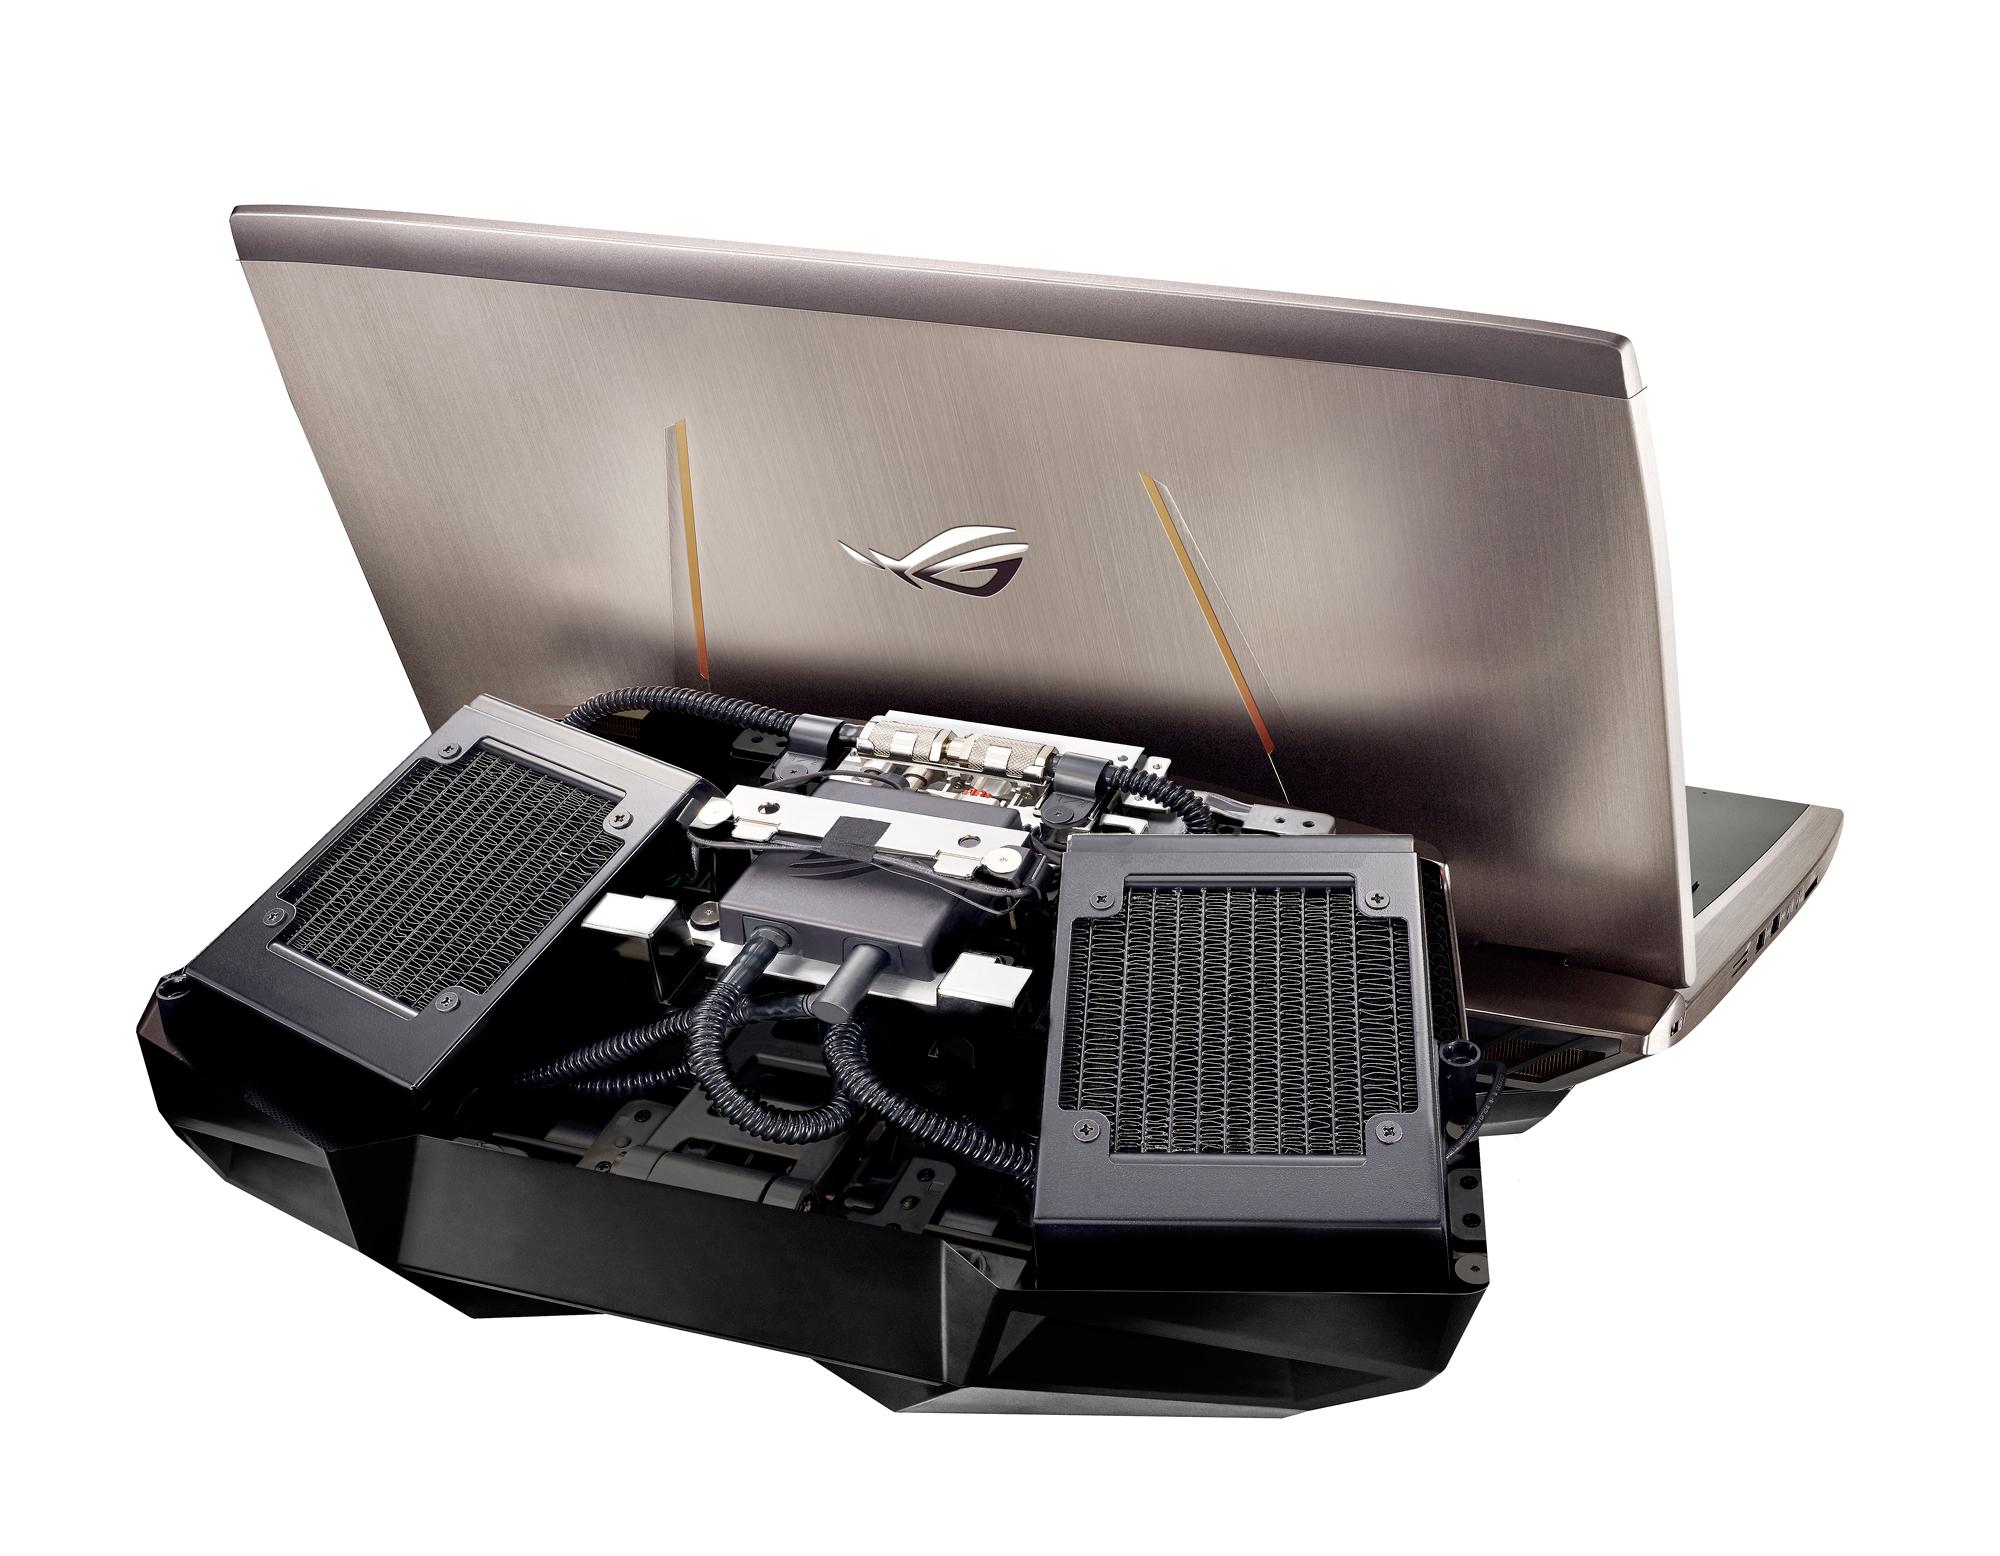 ASUS ROG GX700 laptop